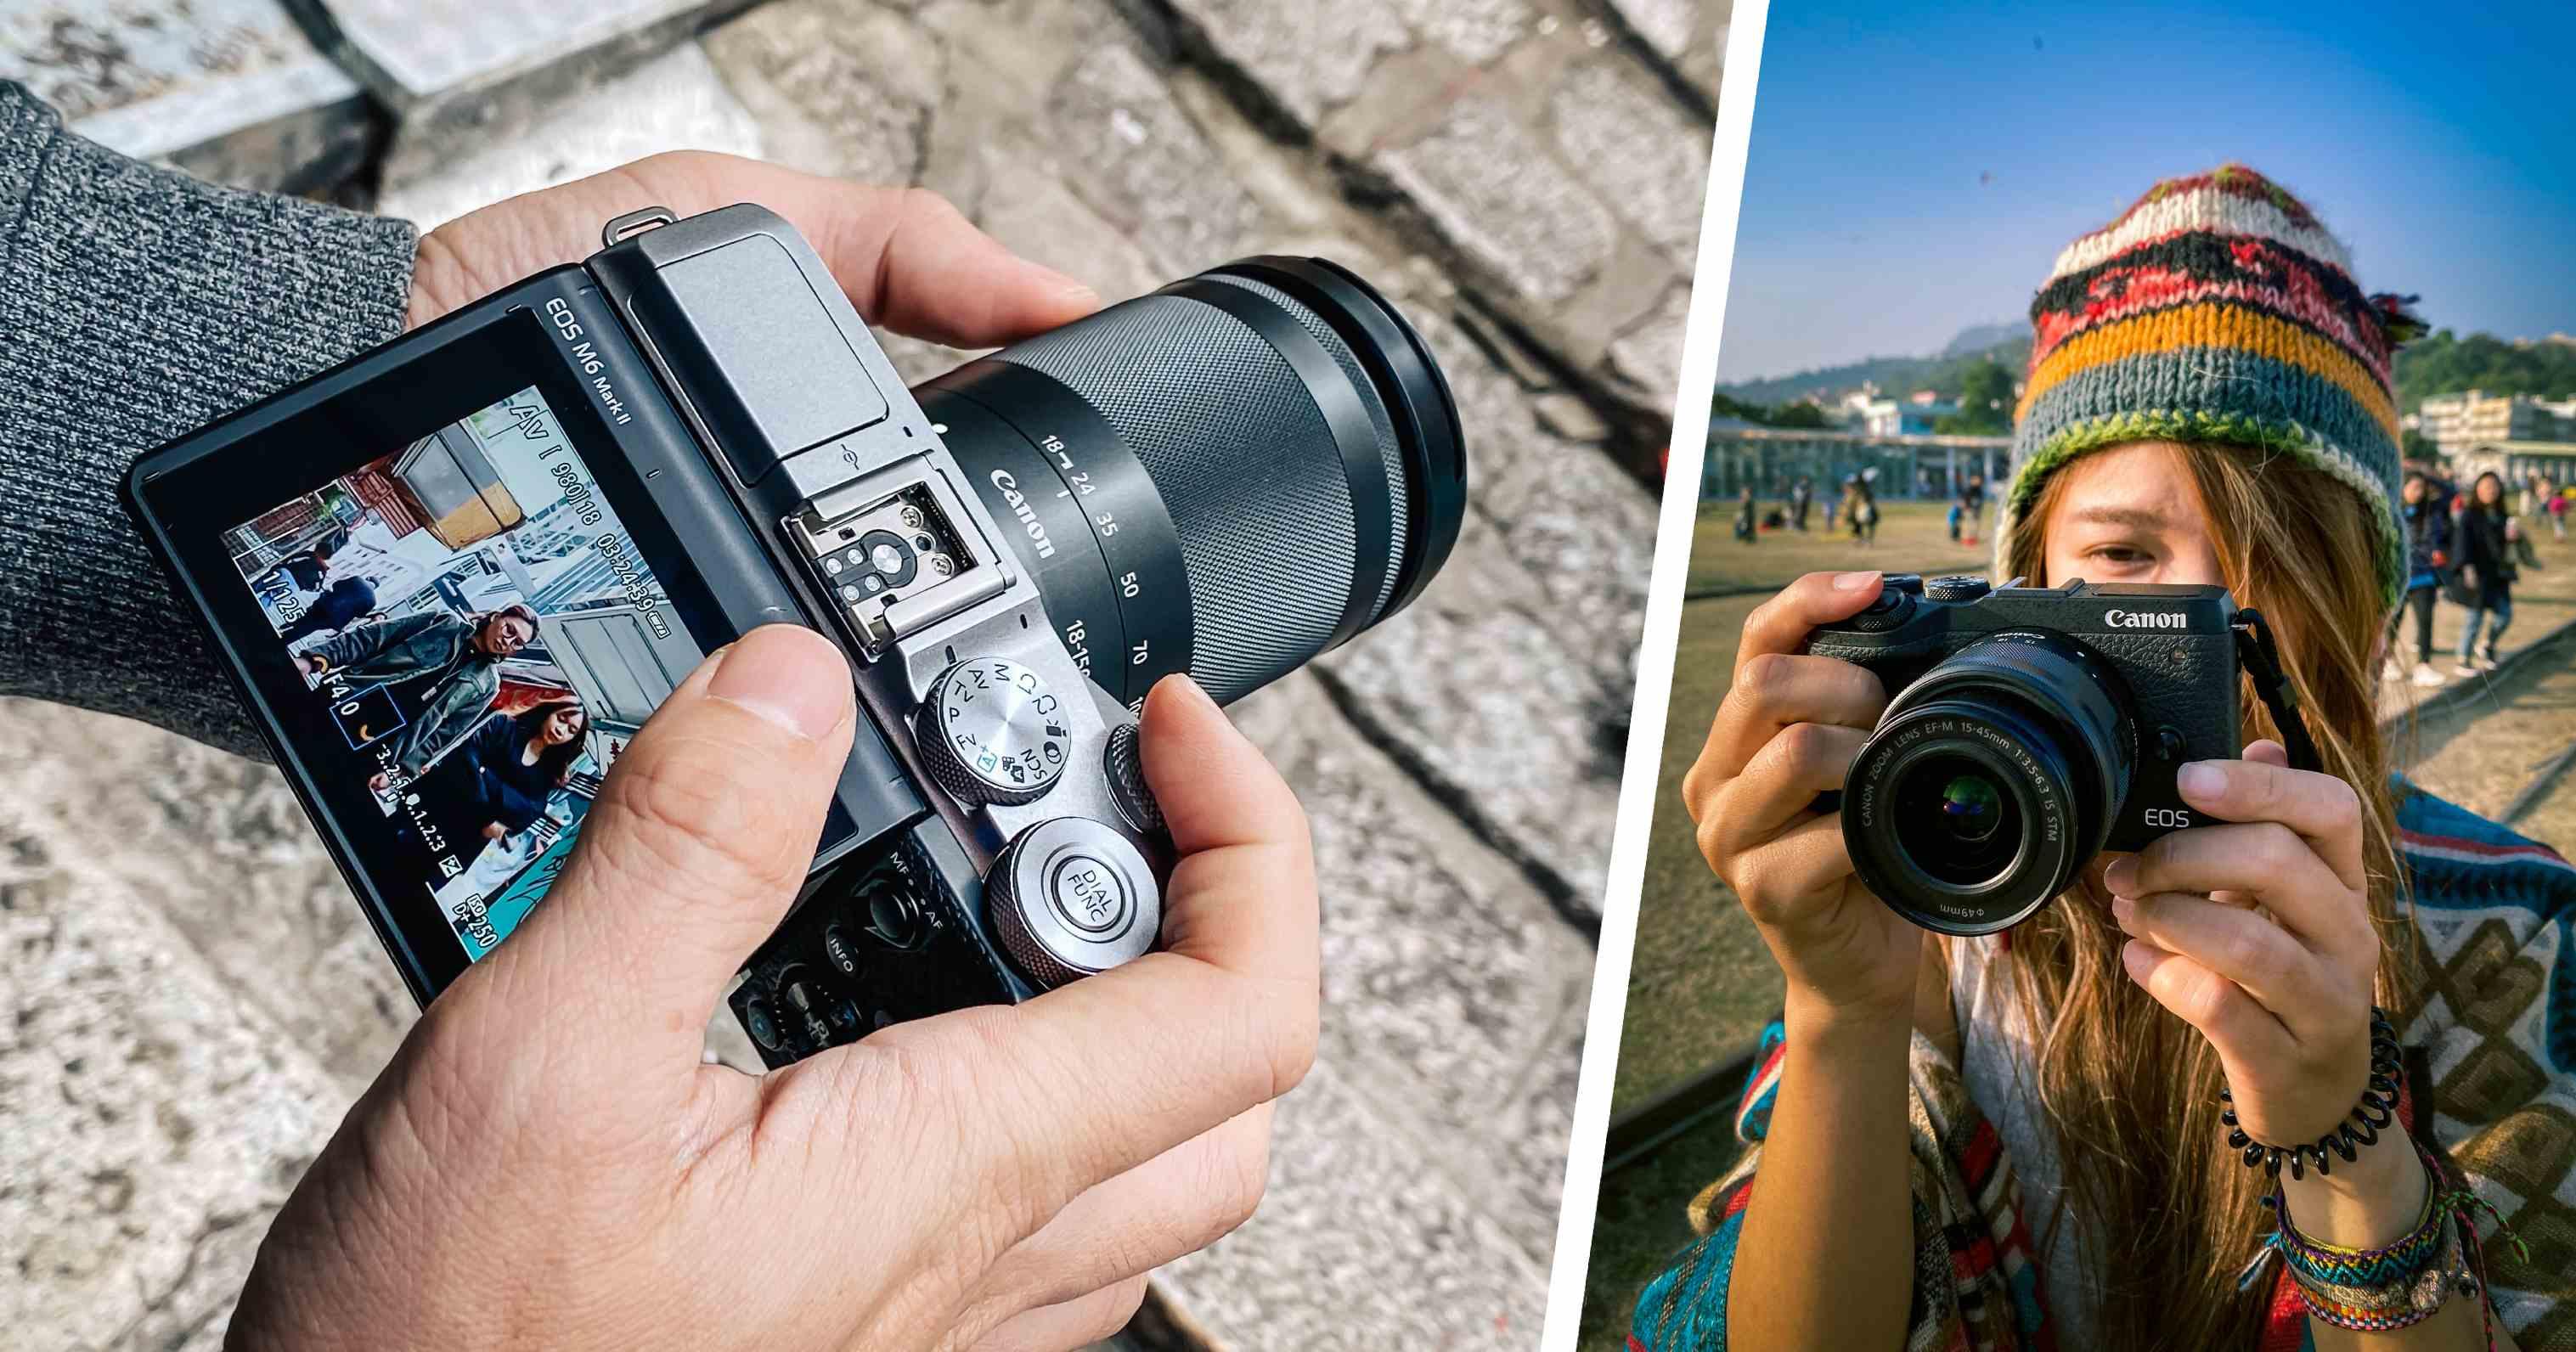 旅遊編輯張界聰 × 全職背包客安柏:Canon EOS M6 Mark II 微單眼使用心得分享